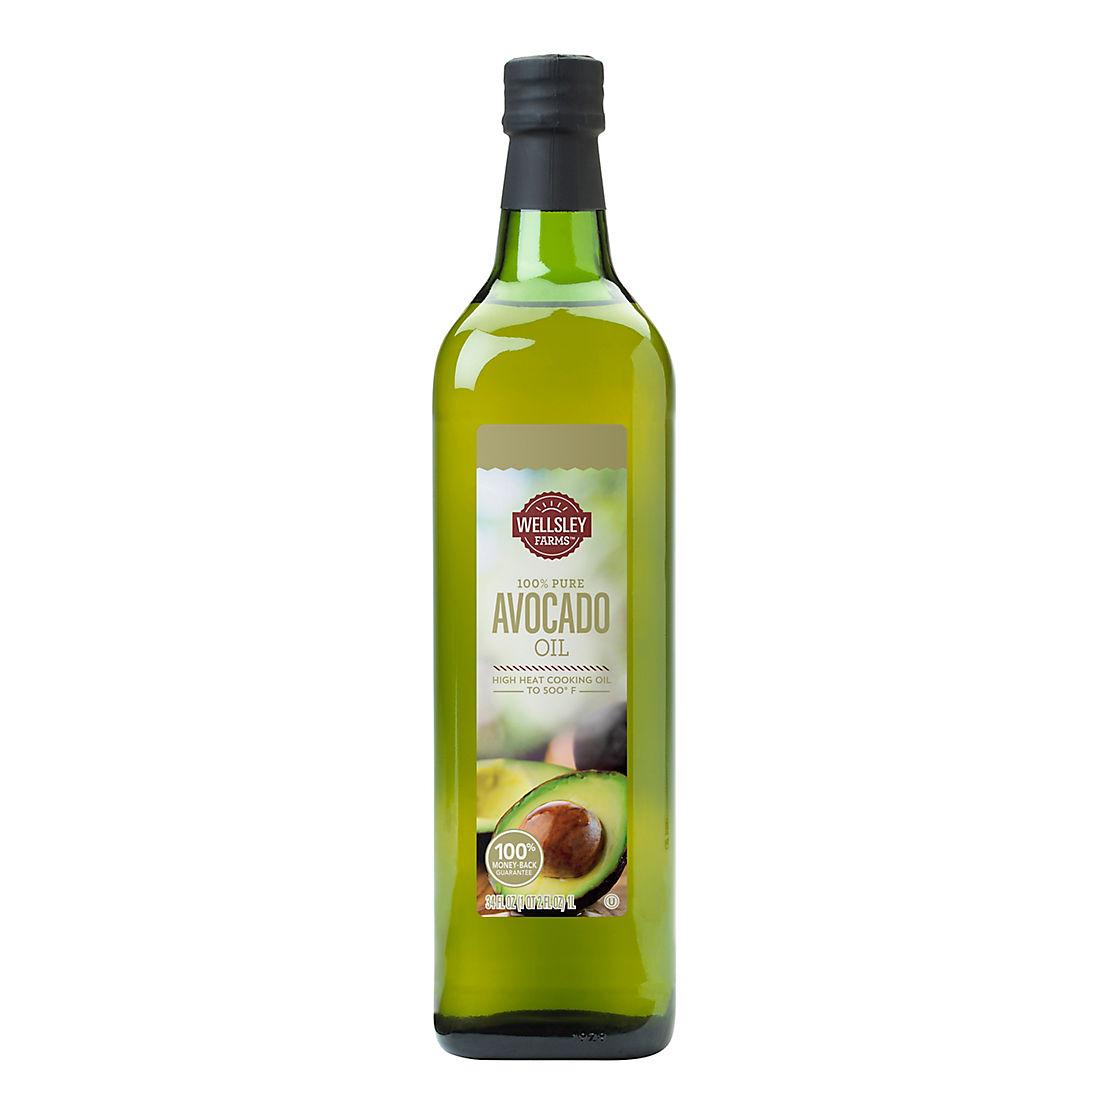 Wellsley Farms Avocado Oil, 34 oz